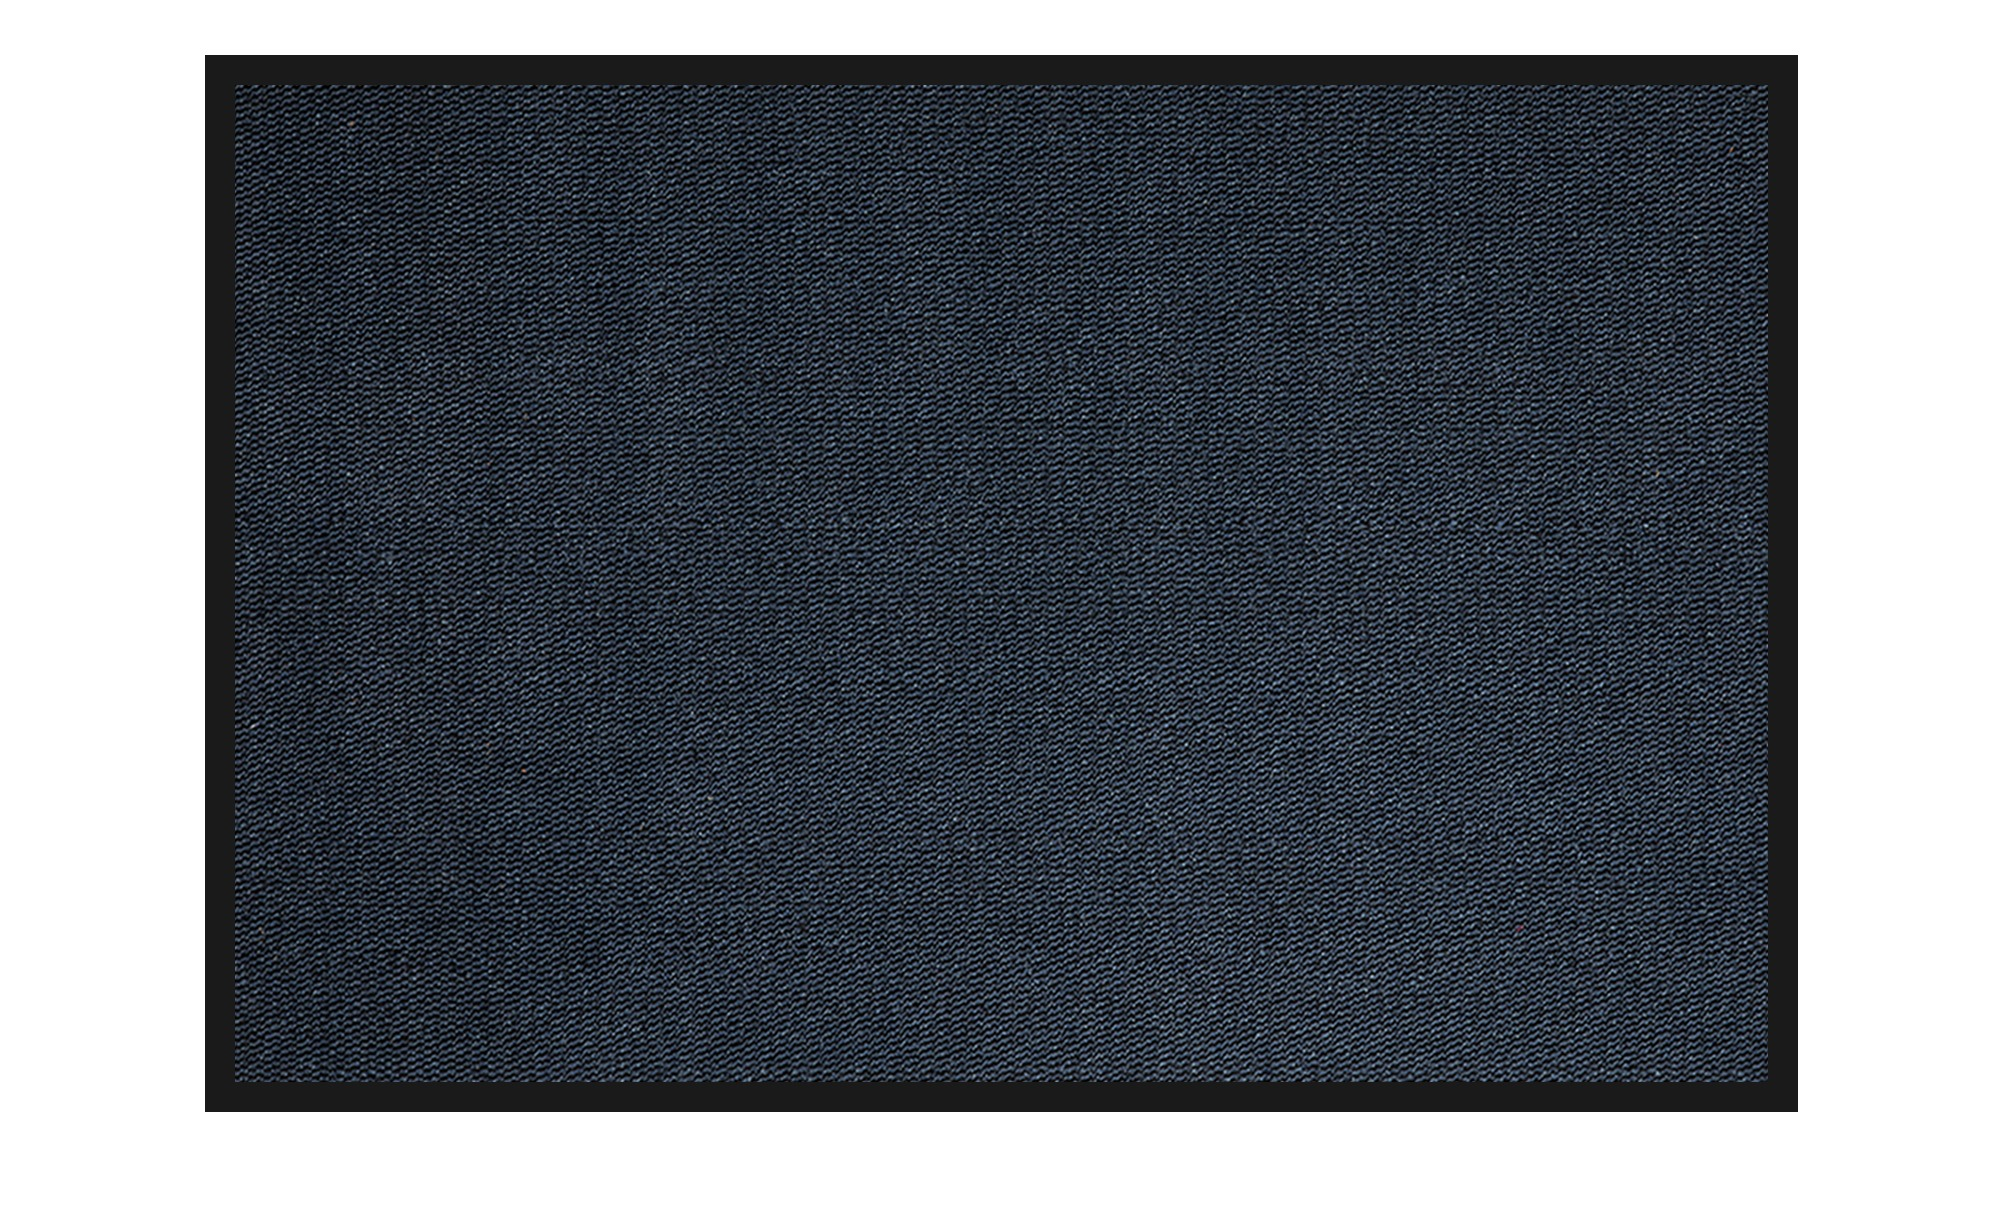 Fußmatte  Saphir ¦ blau ¦ Synthethische Fasern, 100% Polypropylen ¦ Maße (cm): B: 40 Teppiche > Fußmatten & Stufenmatten - Höffner